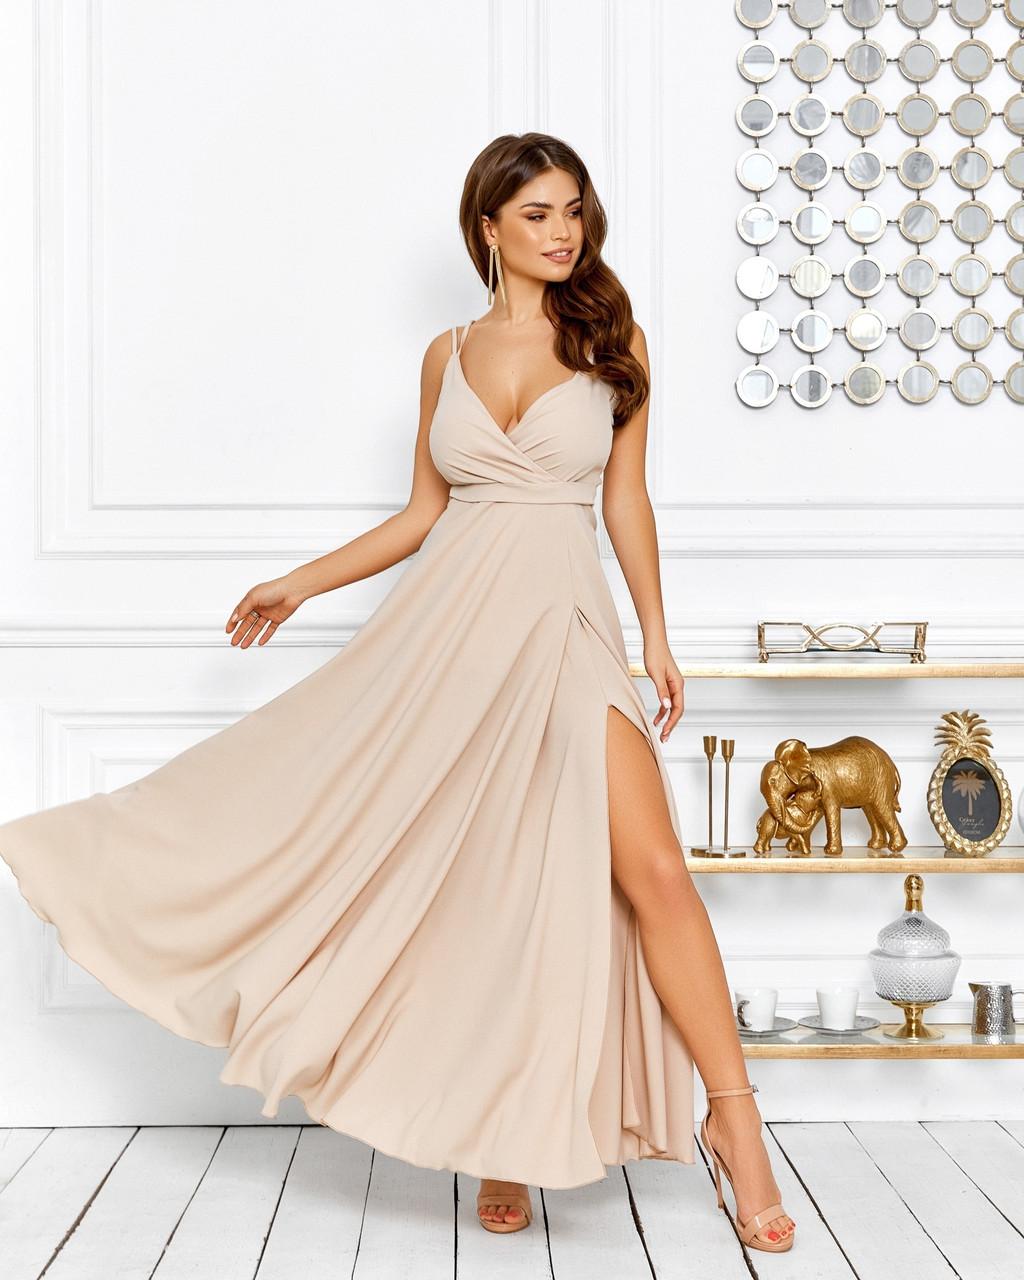 Витончене плаття з довгою кльош спідницею і відкритим декольте, 00650 (Бежевий), Розмір 44 (M)